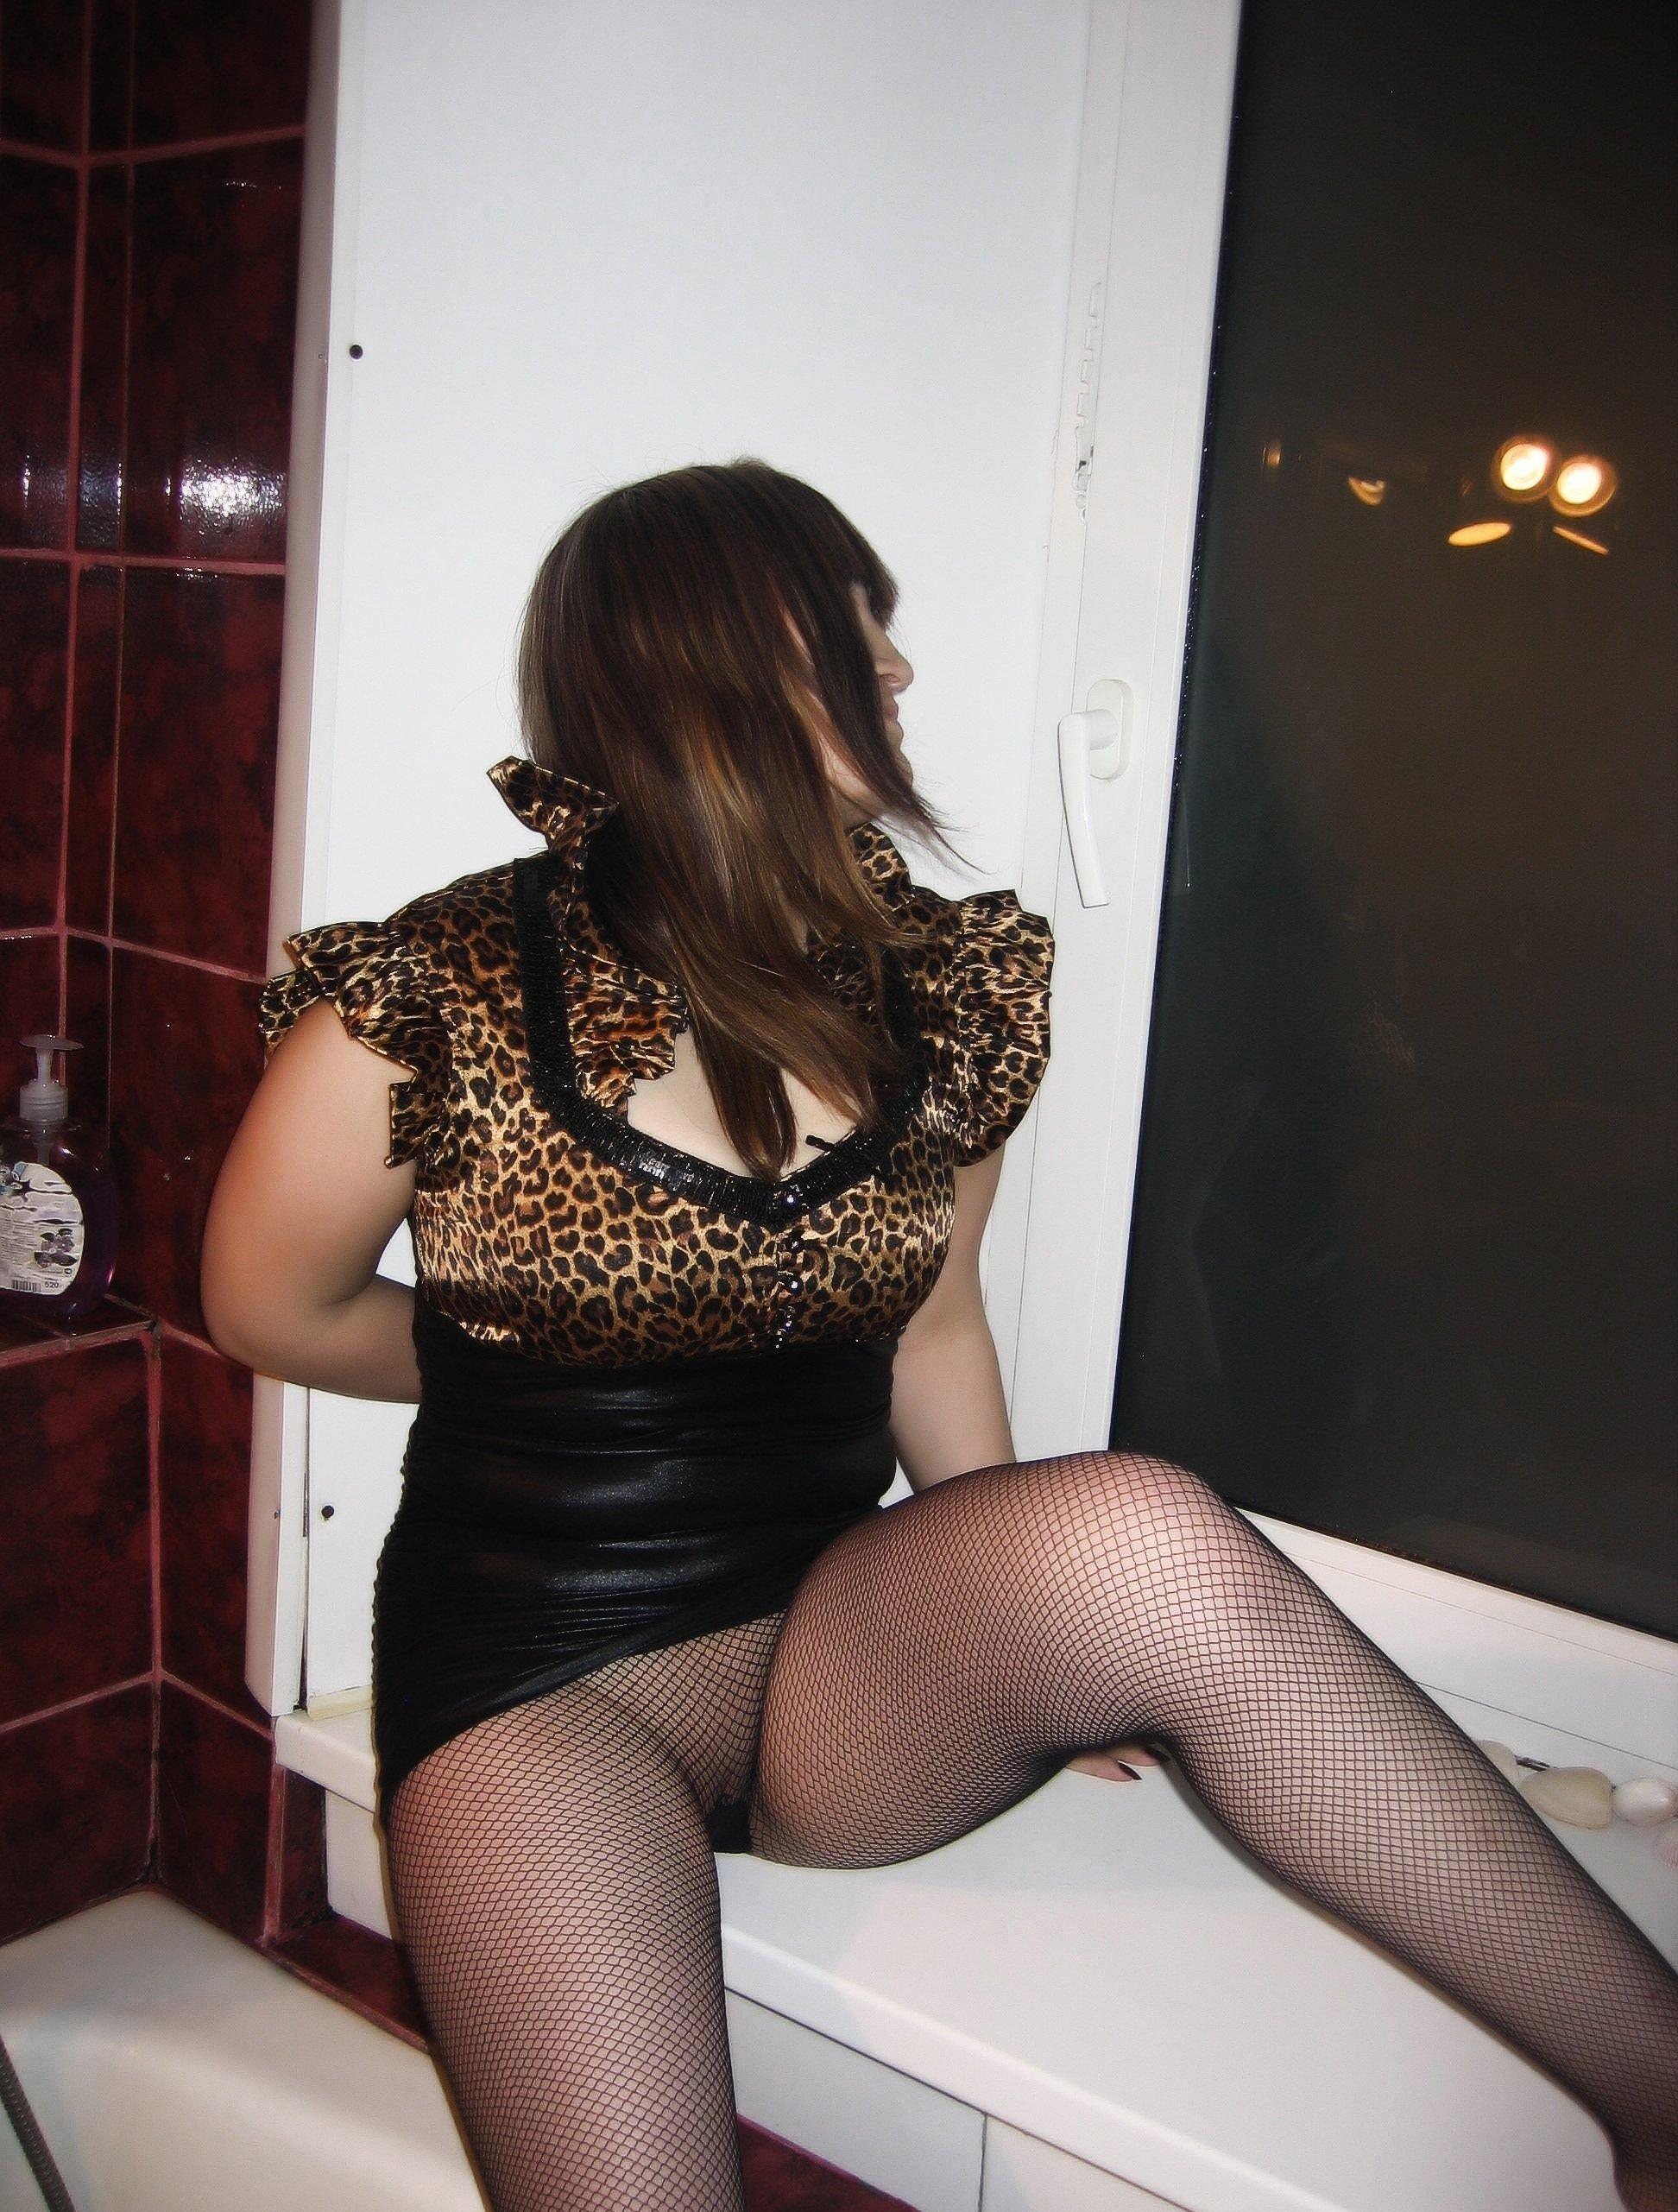 Канал обводный проститутки спб